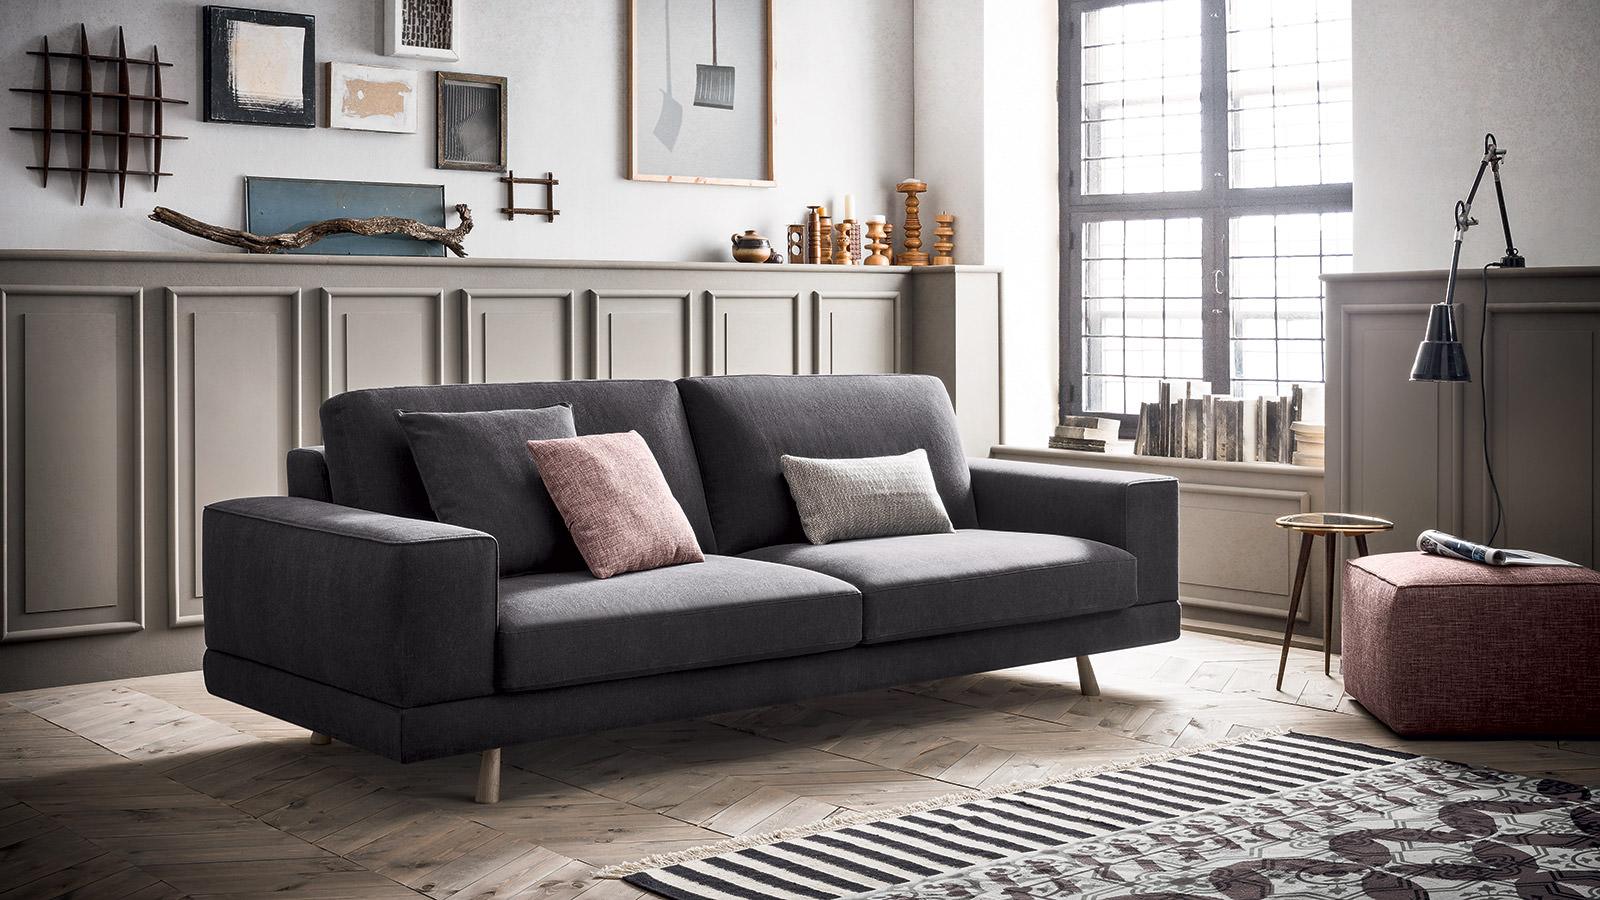 Aspen divani moderni e di design felis for Divani moderni di design